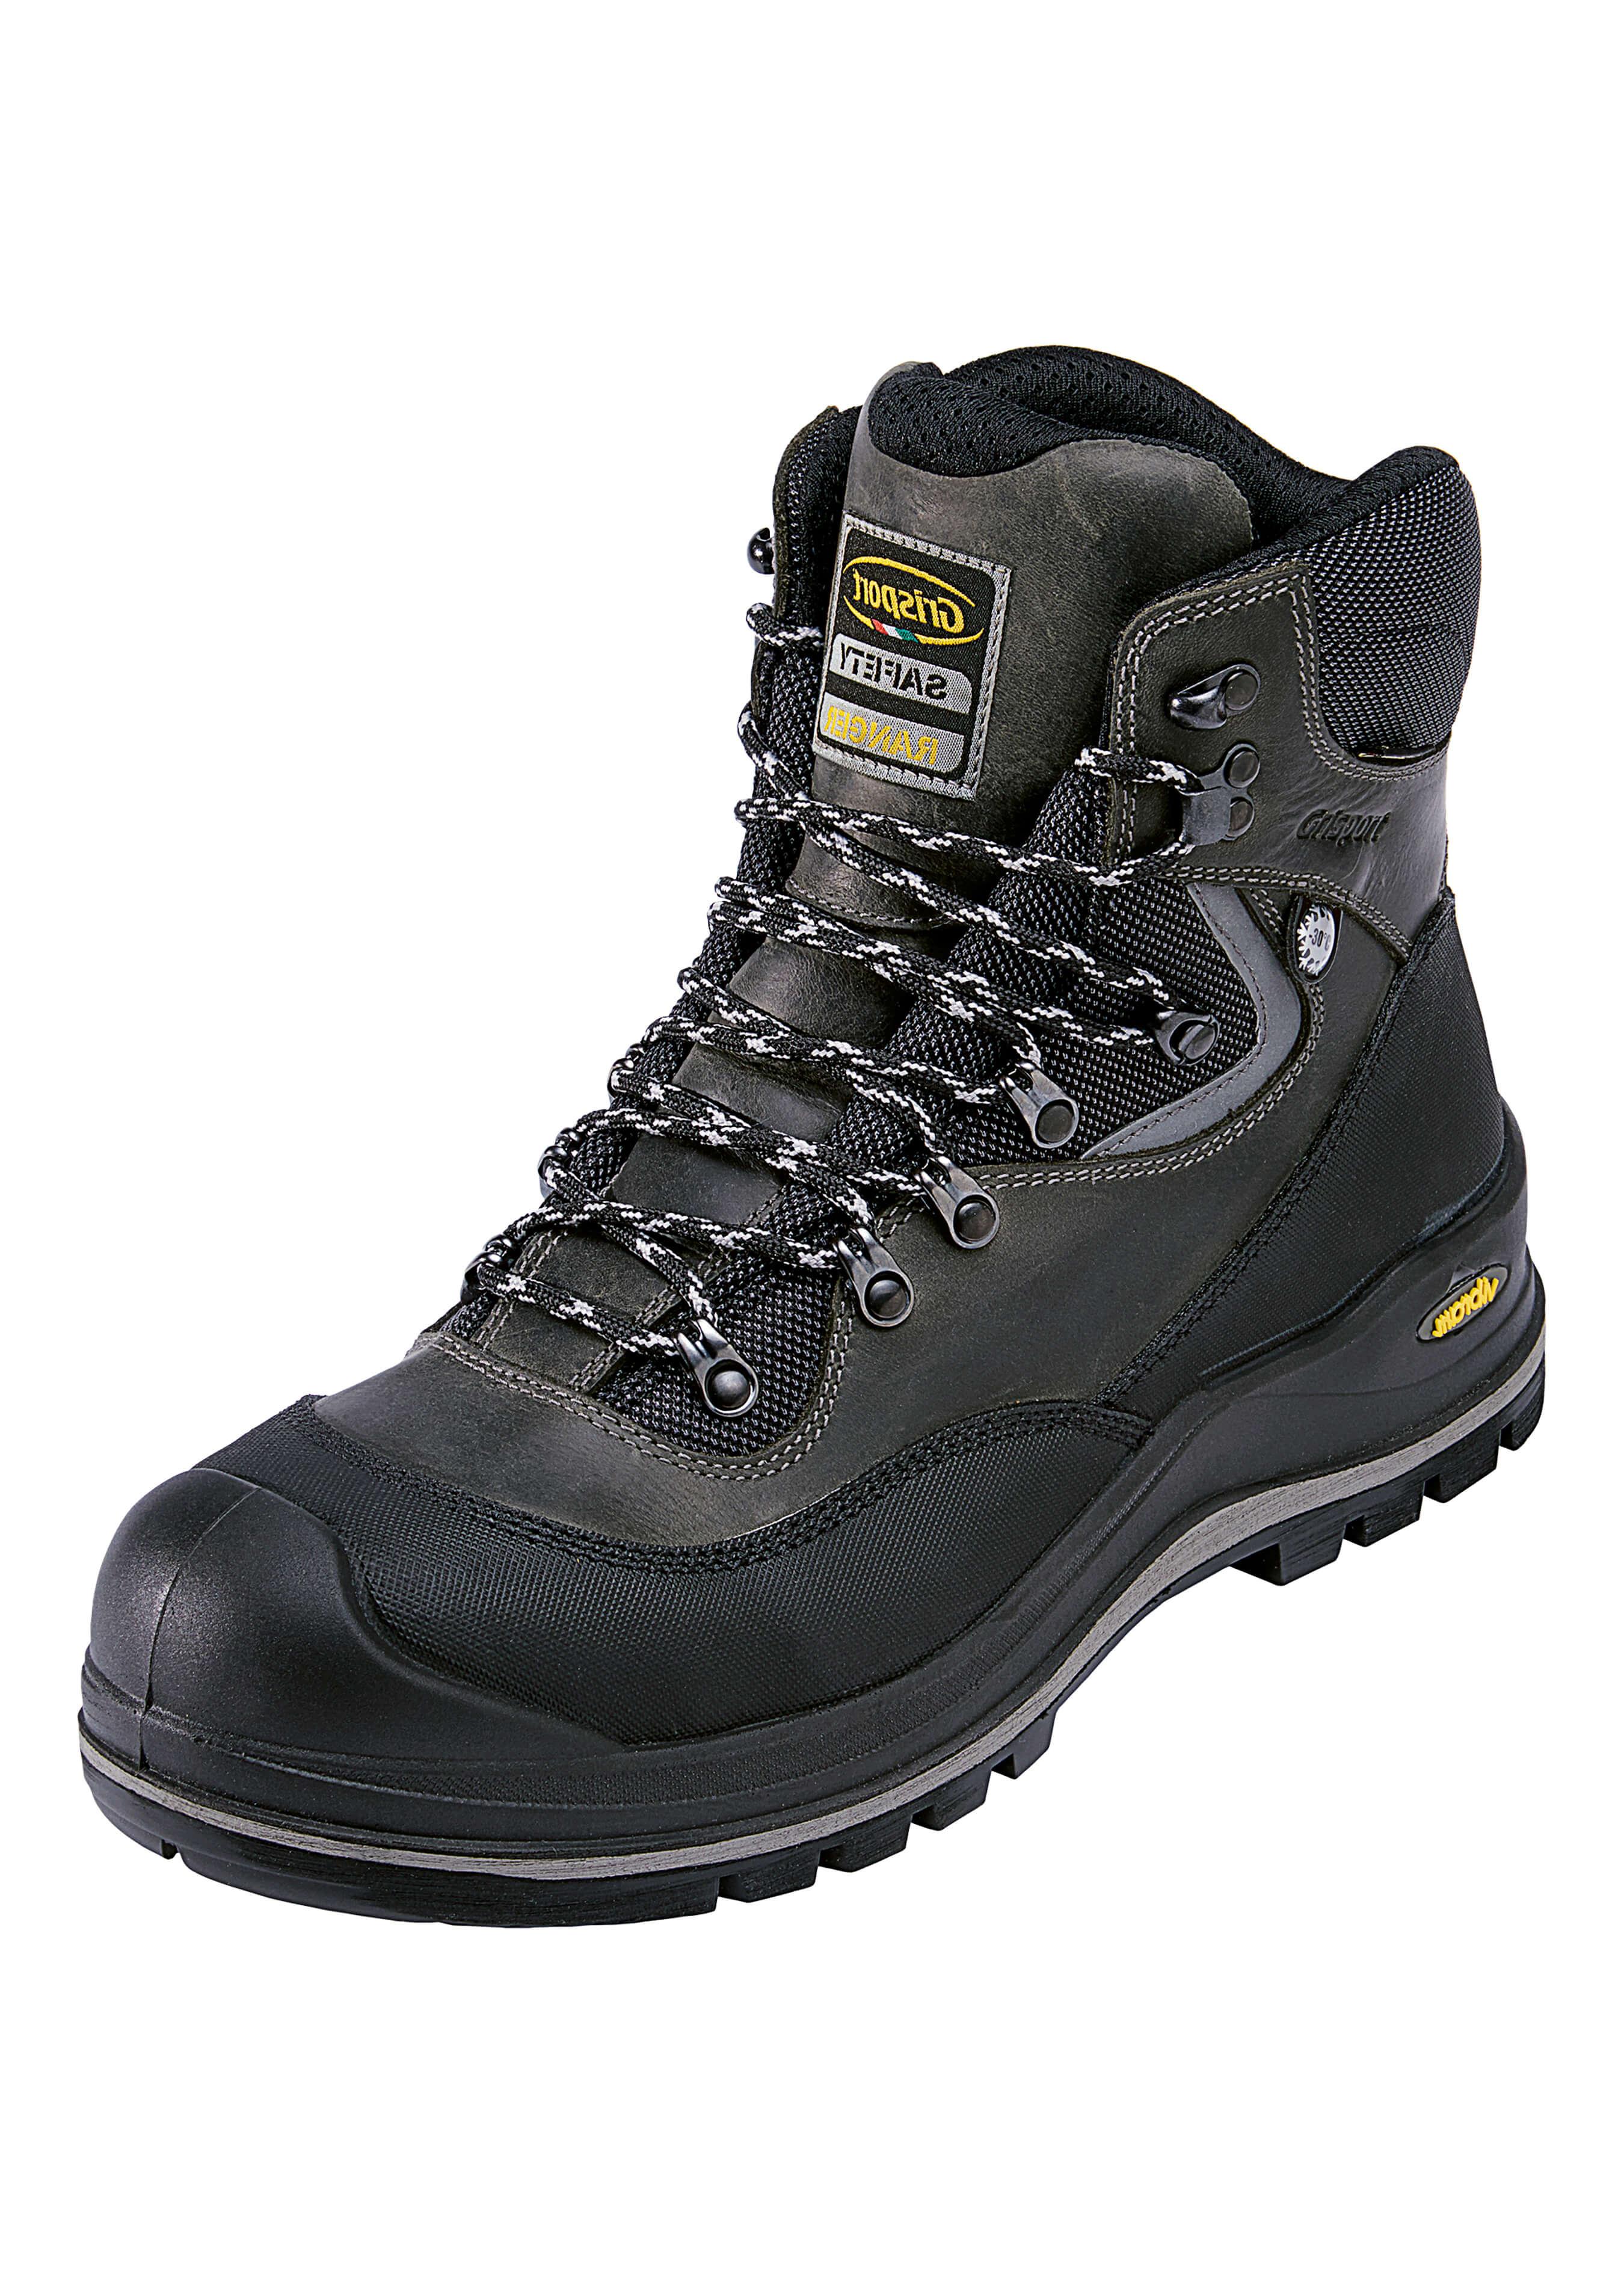 Chaussure de sécurité d'hiver S3 41421239 1